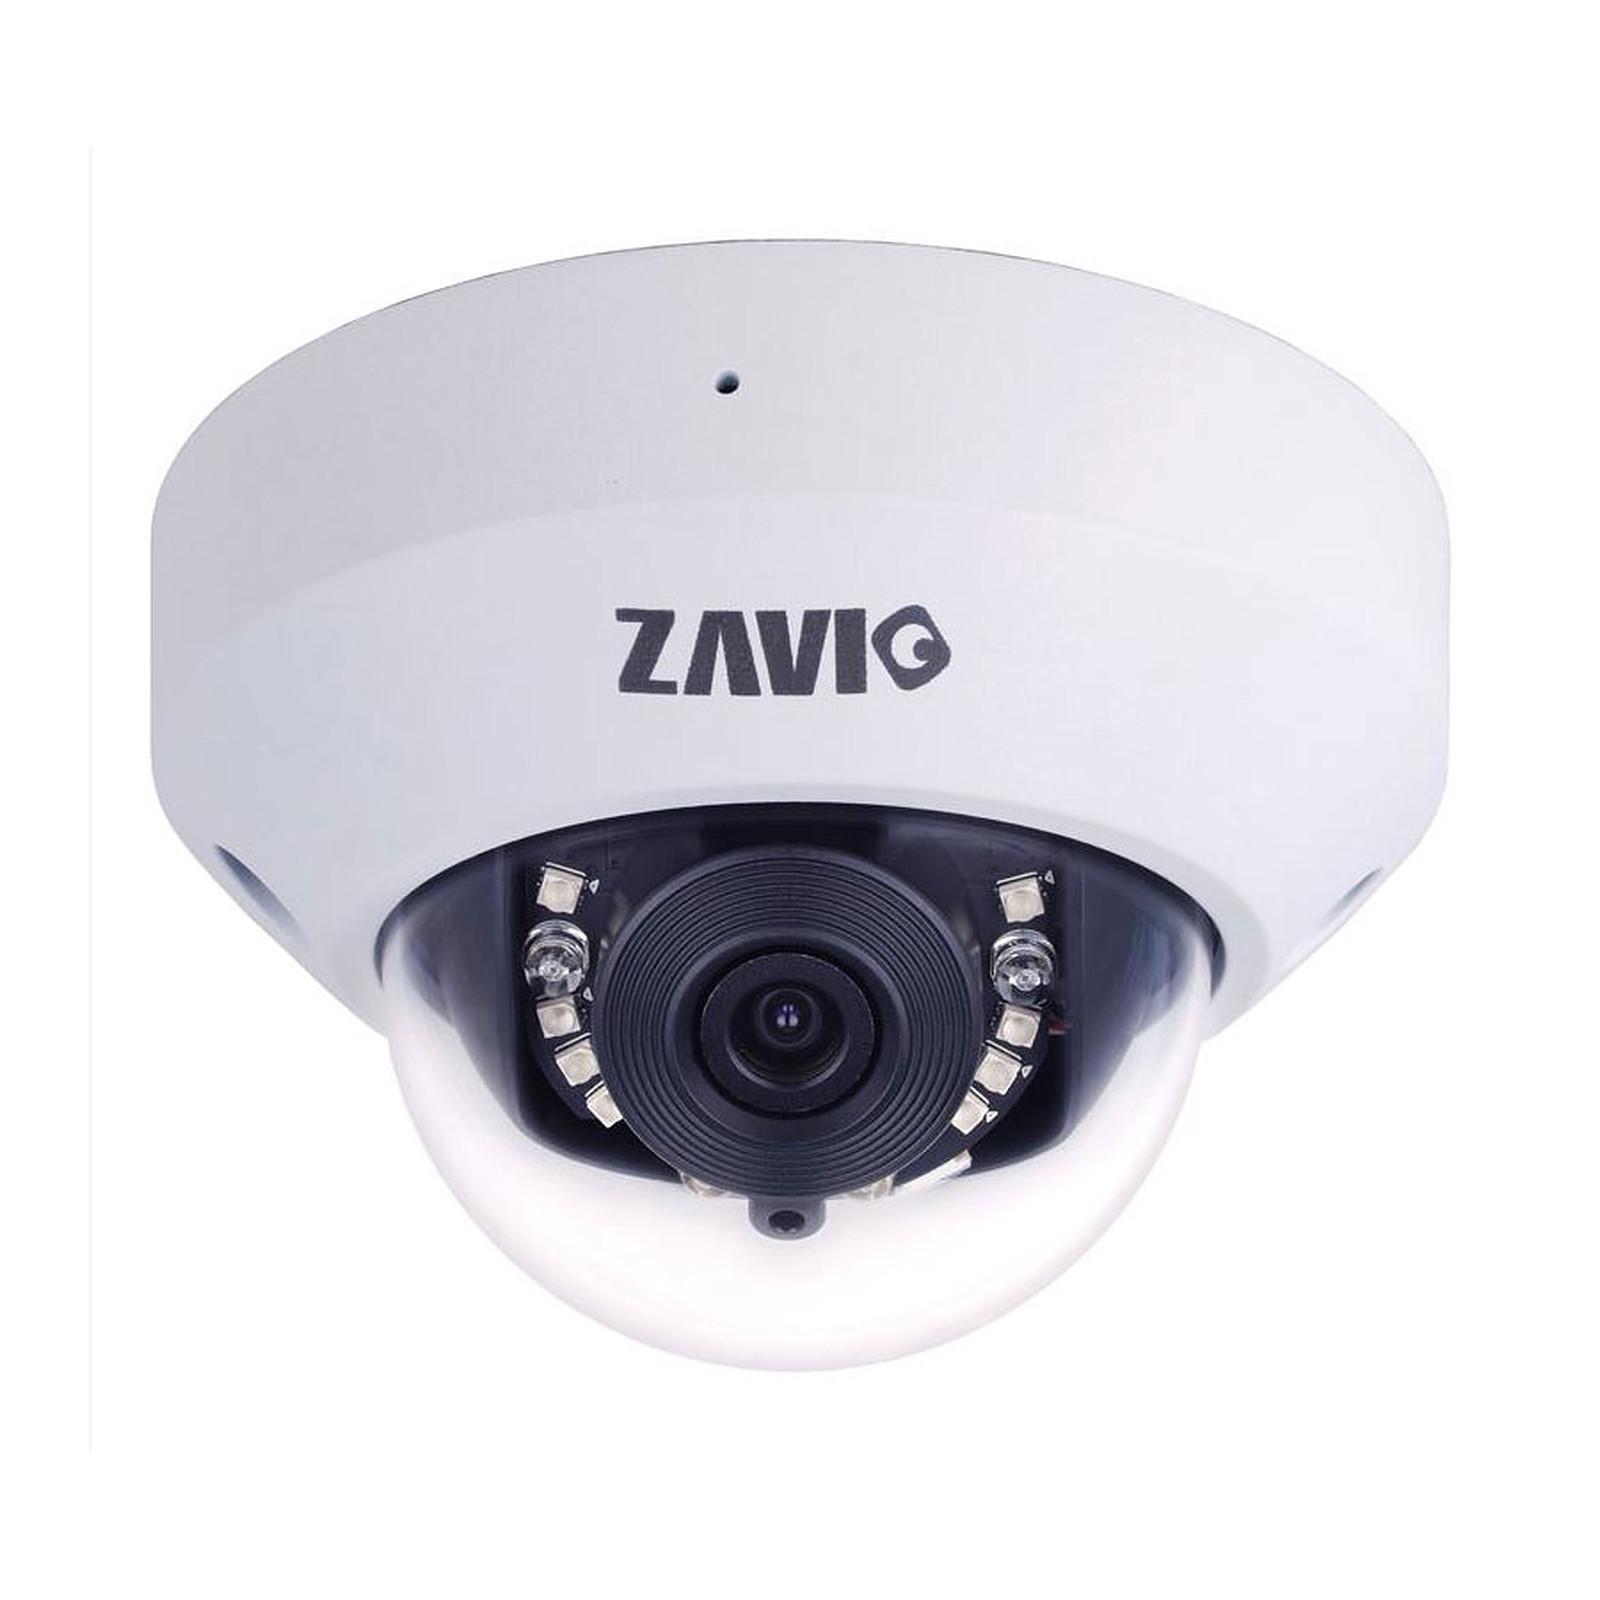 ZAVIO P6210